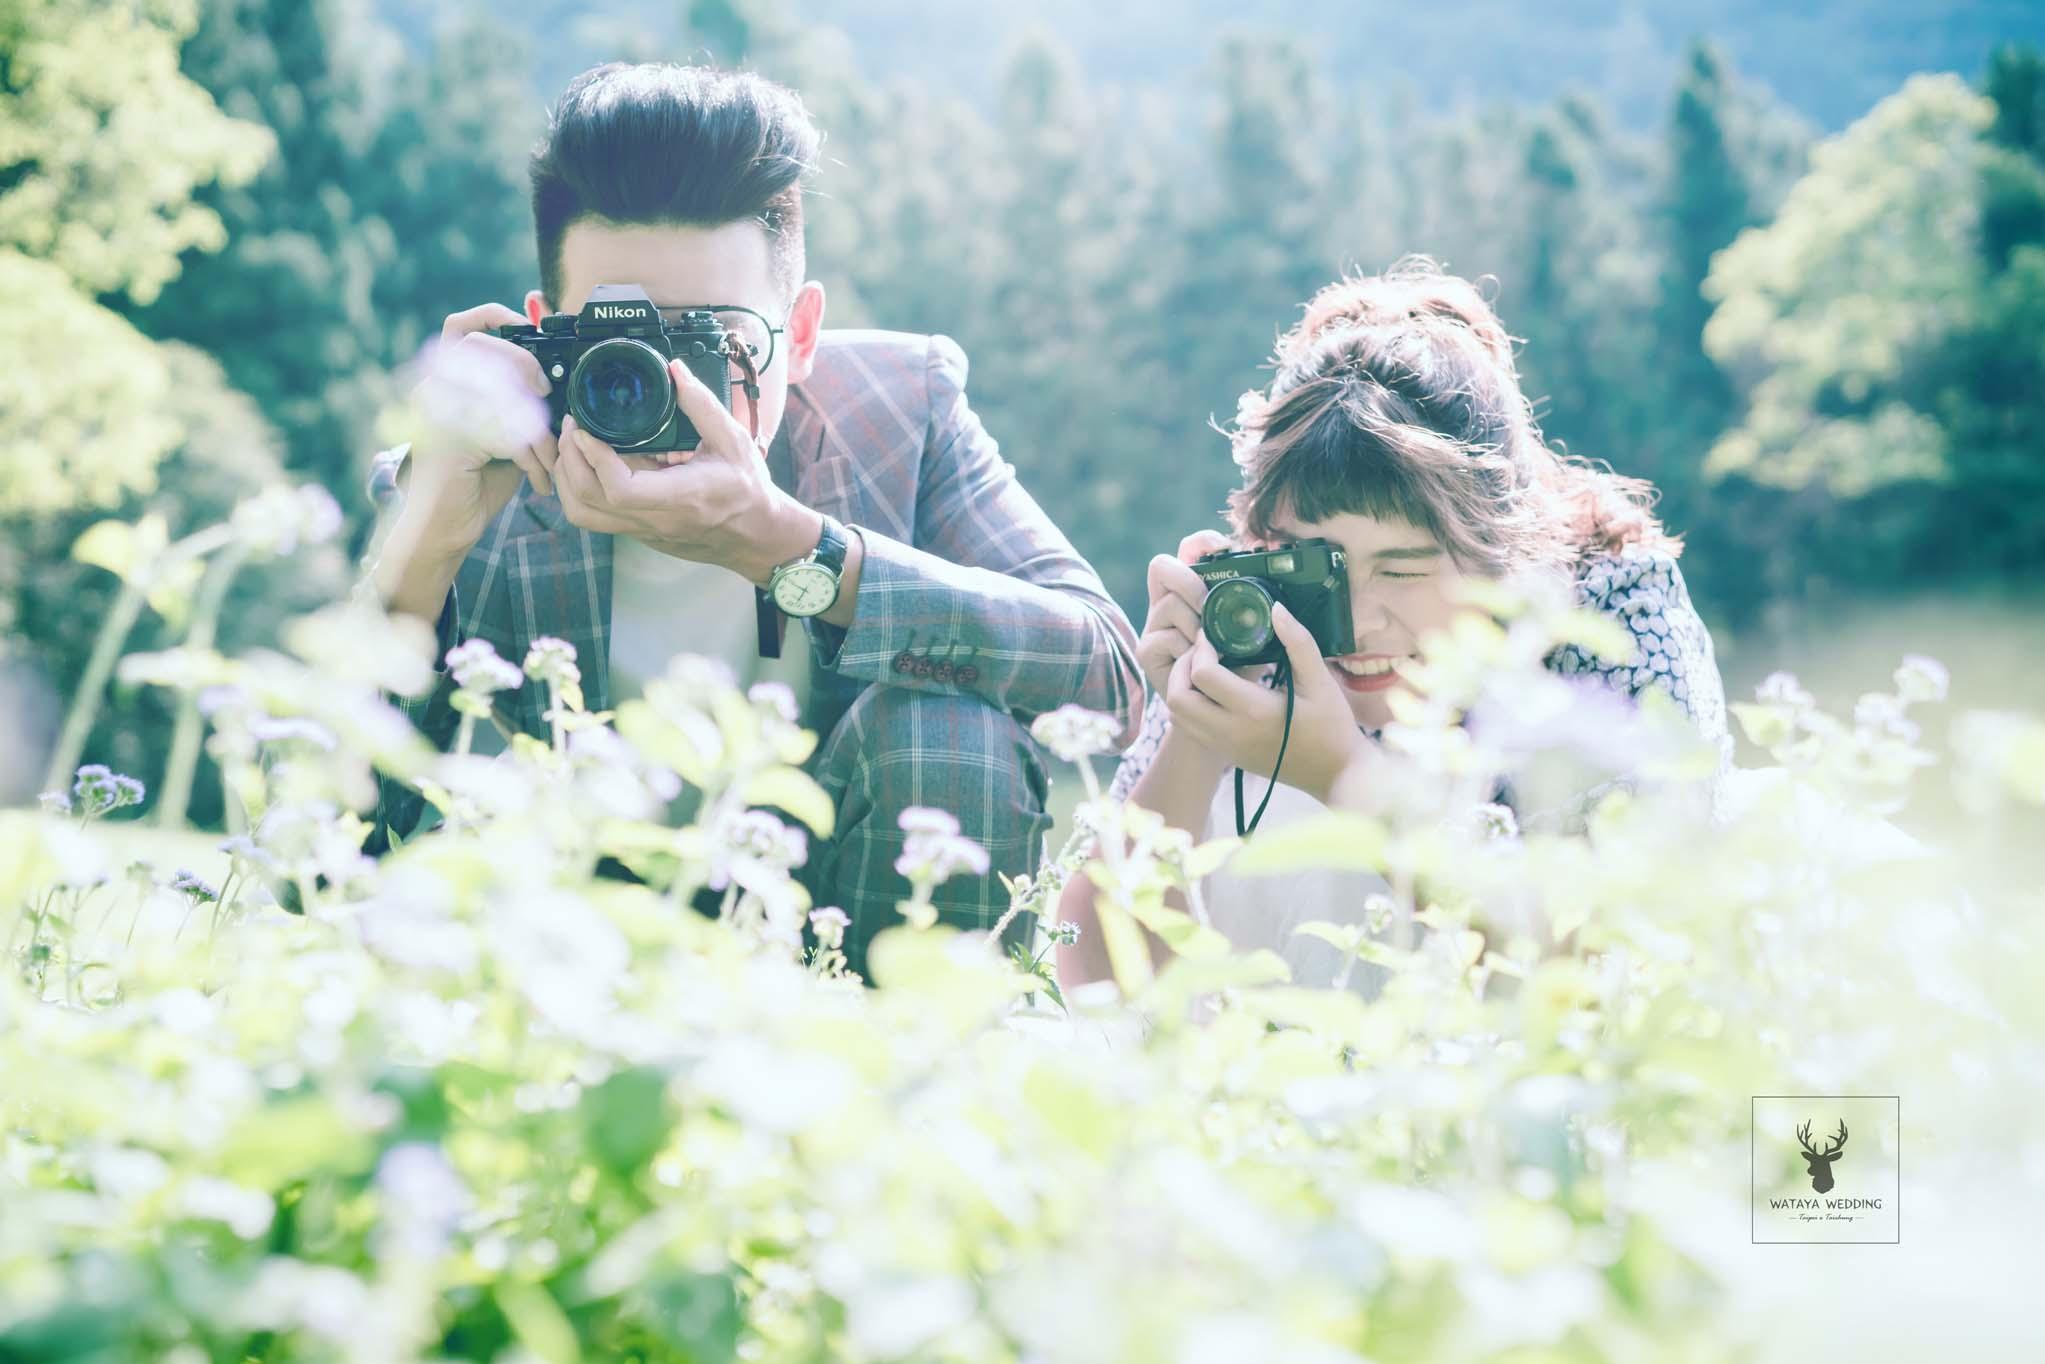 鏡頭下的我和你